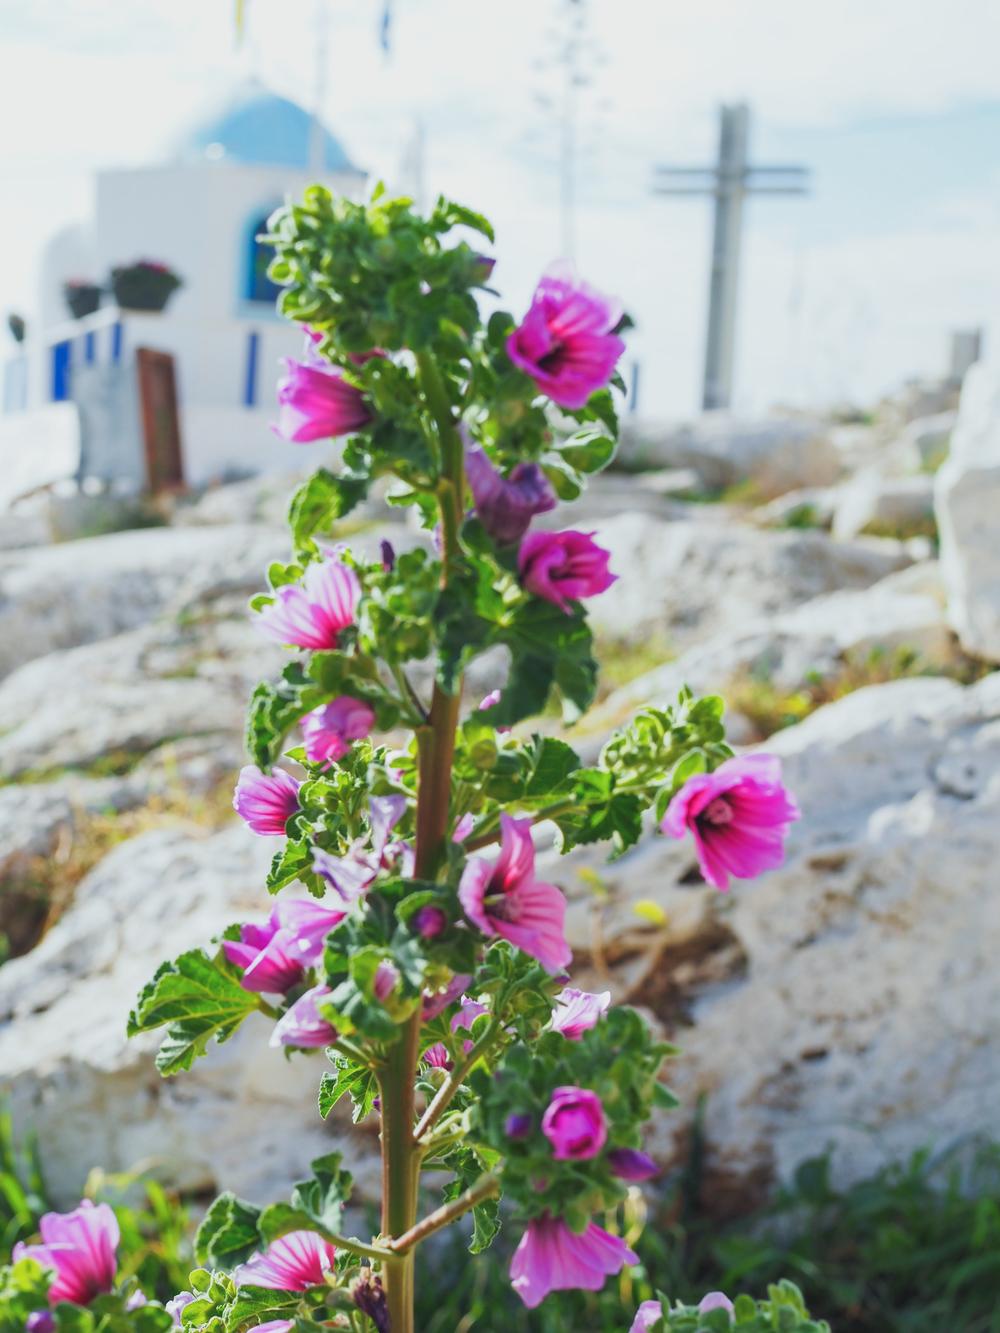 athens-greece-photo-diary-3-07